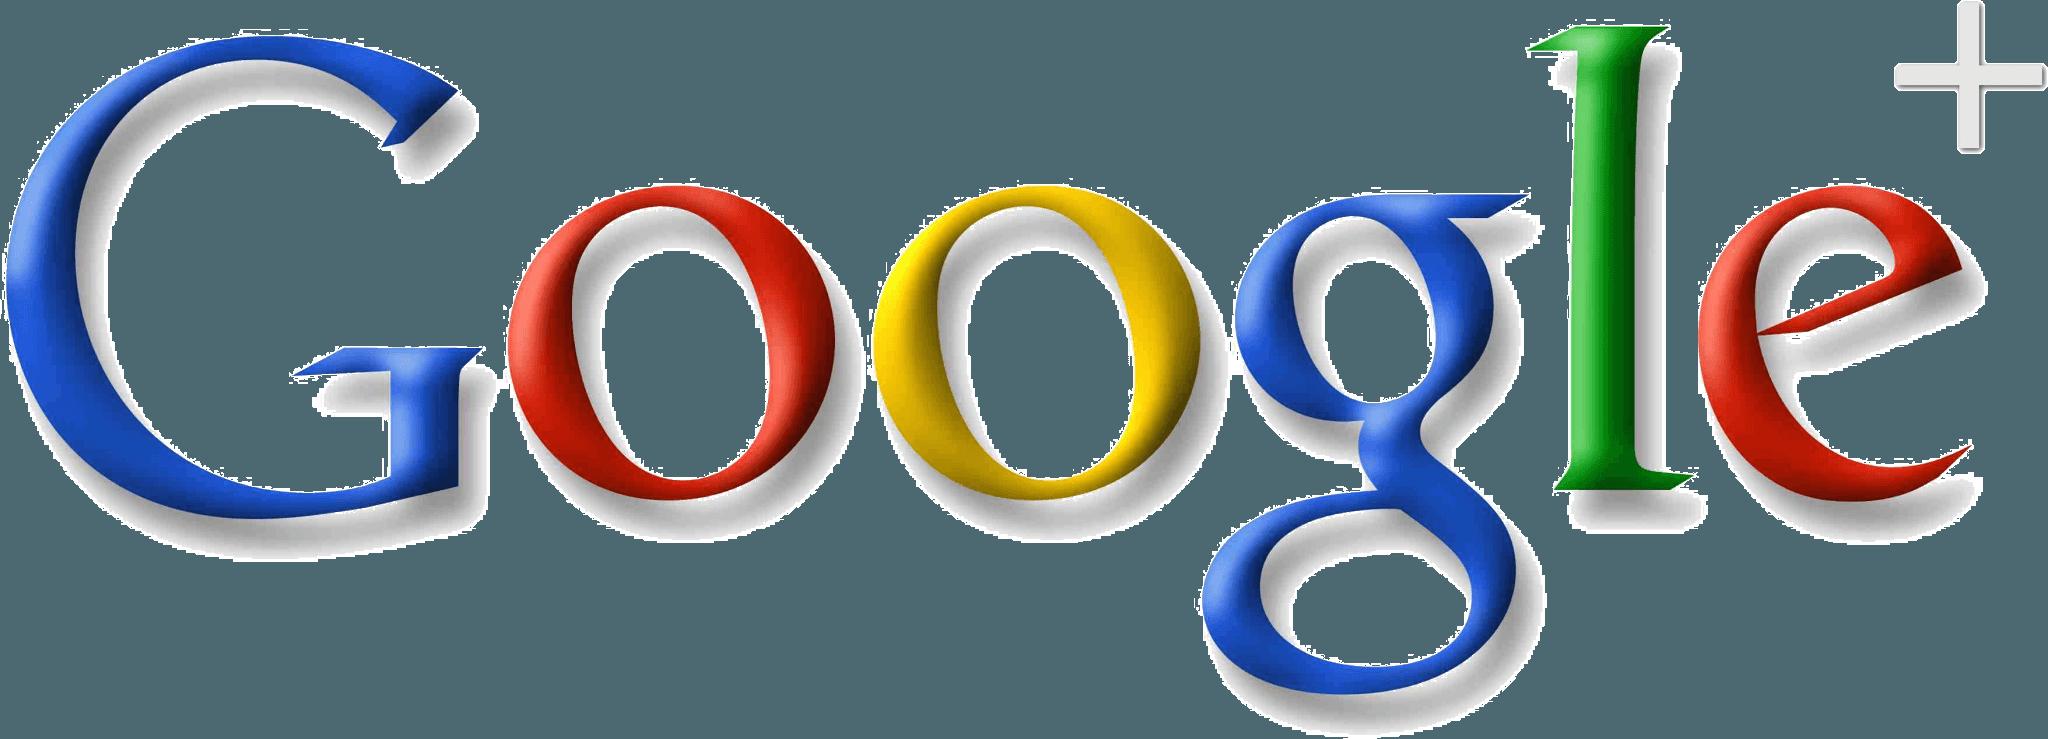 Google Plus Search Png Logo #3683